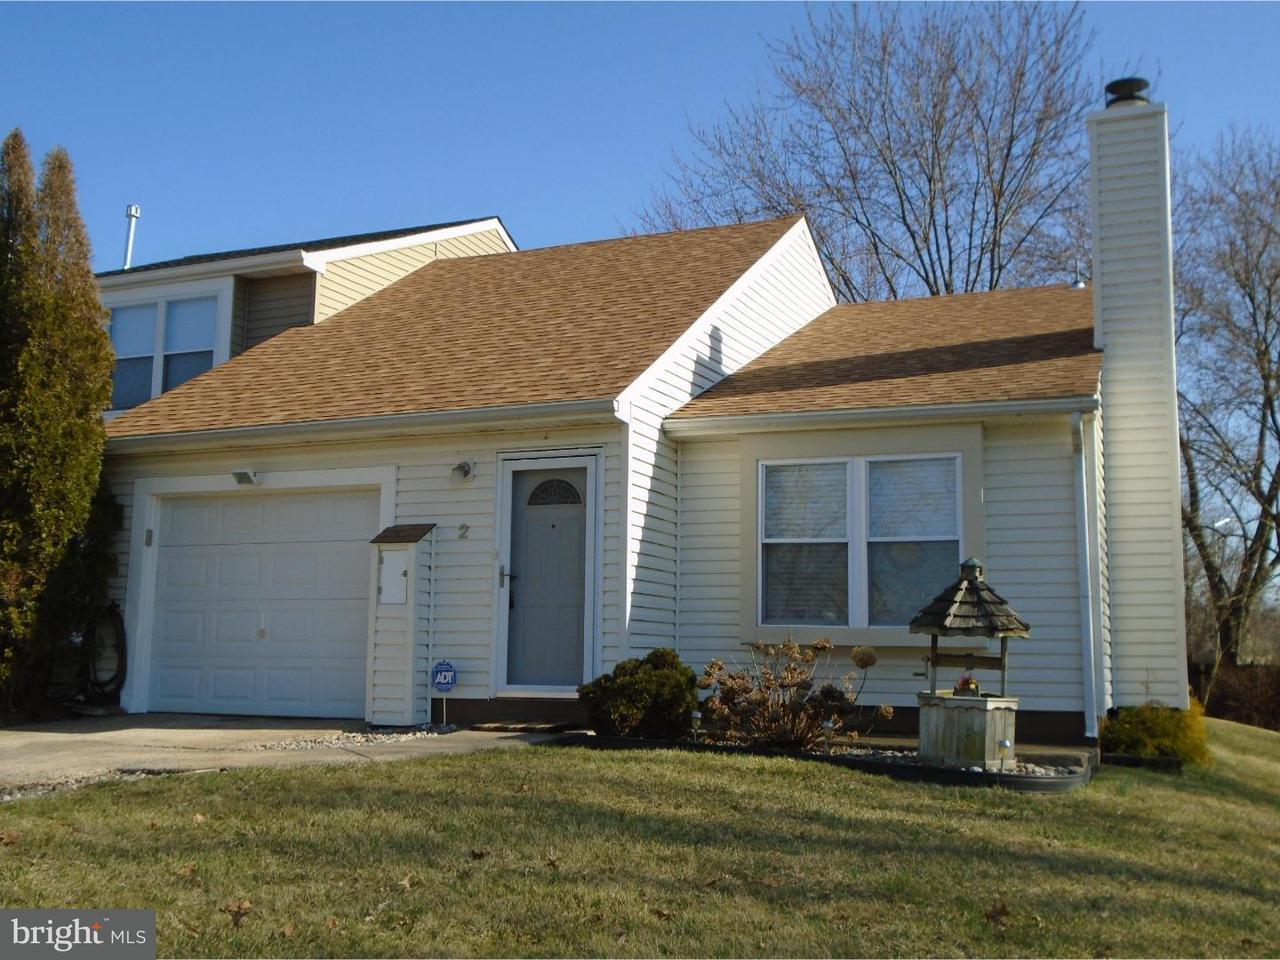 2 FOMALHAUT Avenue  Blackwood, New Jersey 08012 United States